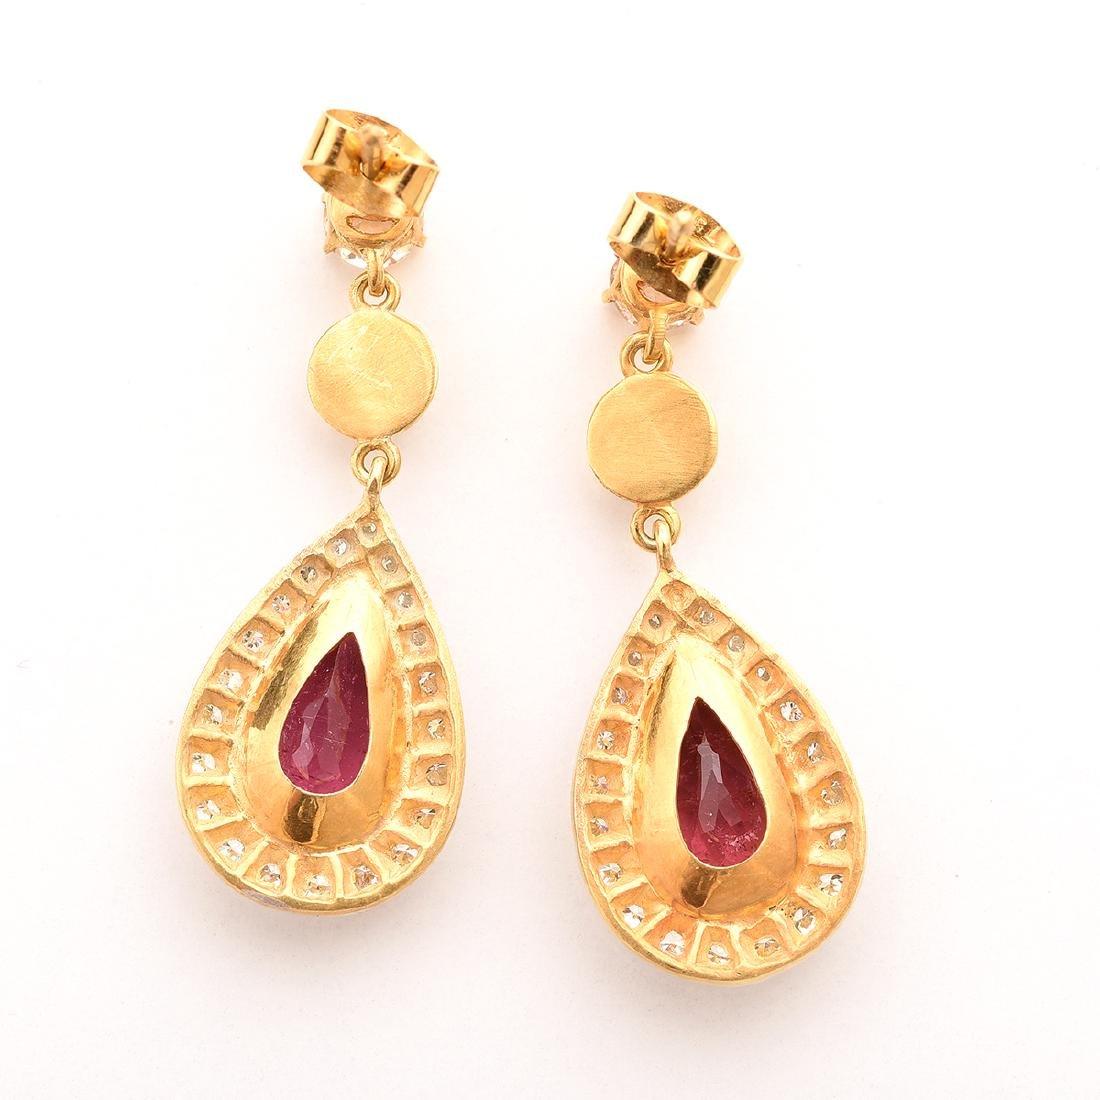 Pair of Tourmaline, Diamond, Silver-Gilt Earrings. - 4